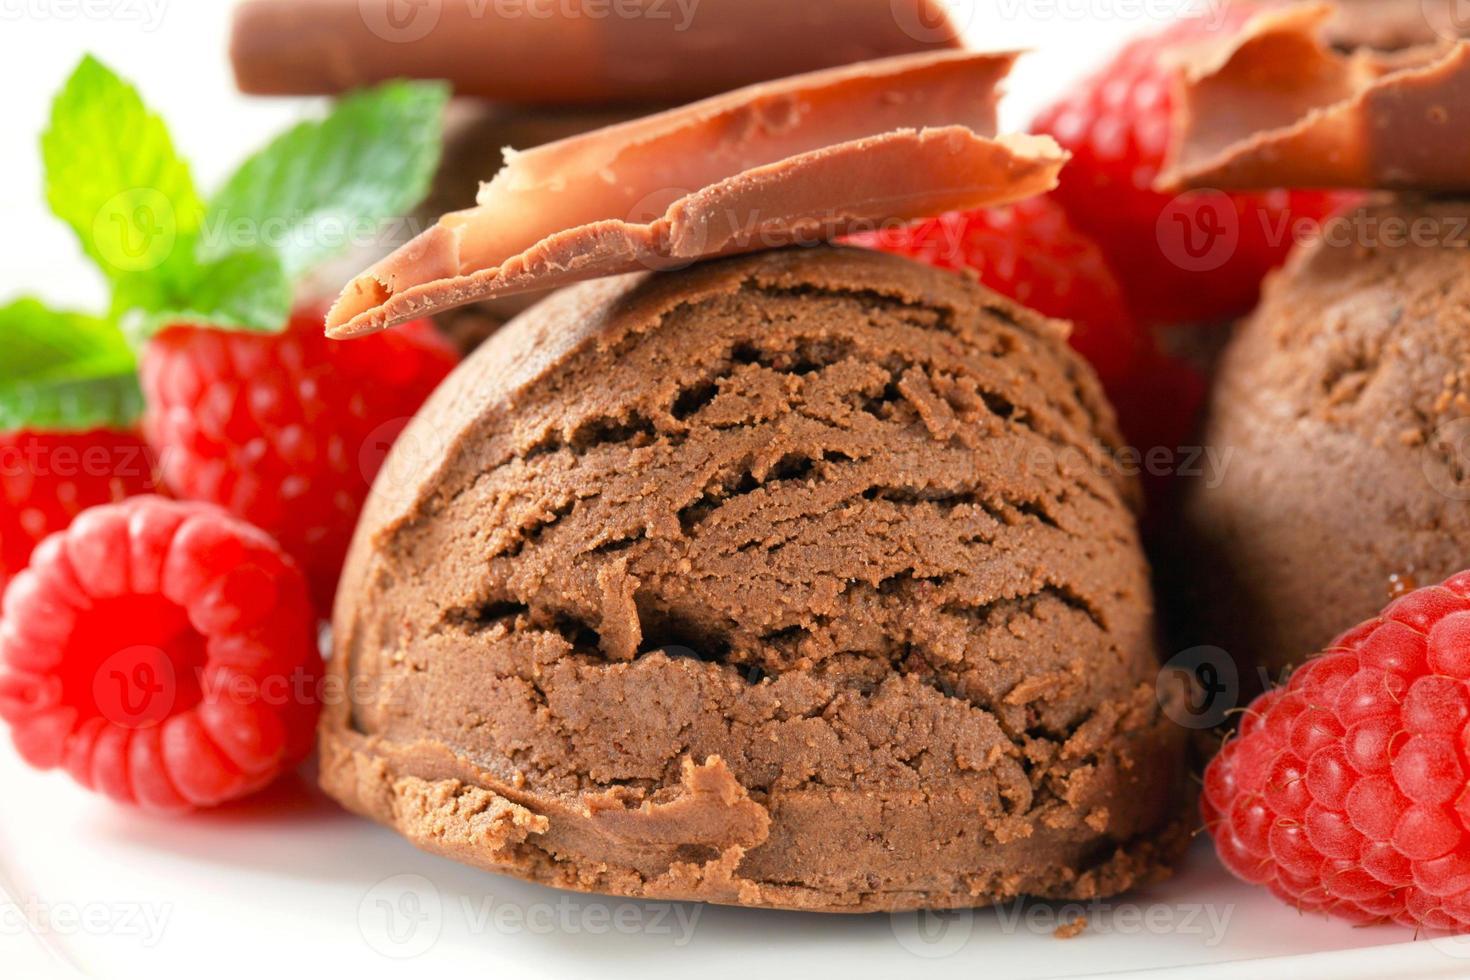 helado de chocolate con frambuesas frescas foto